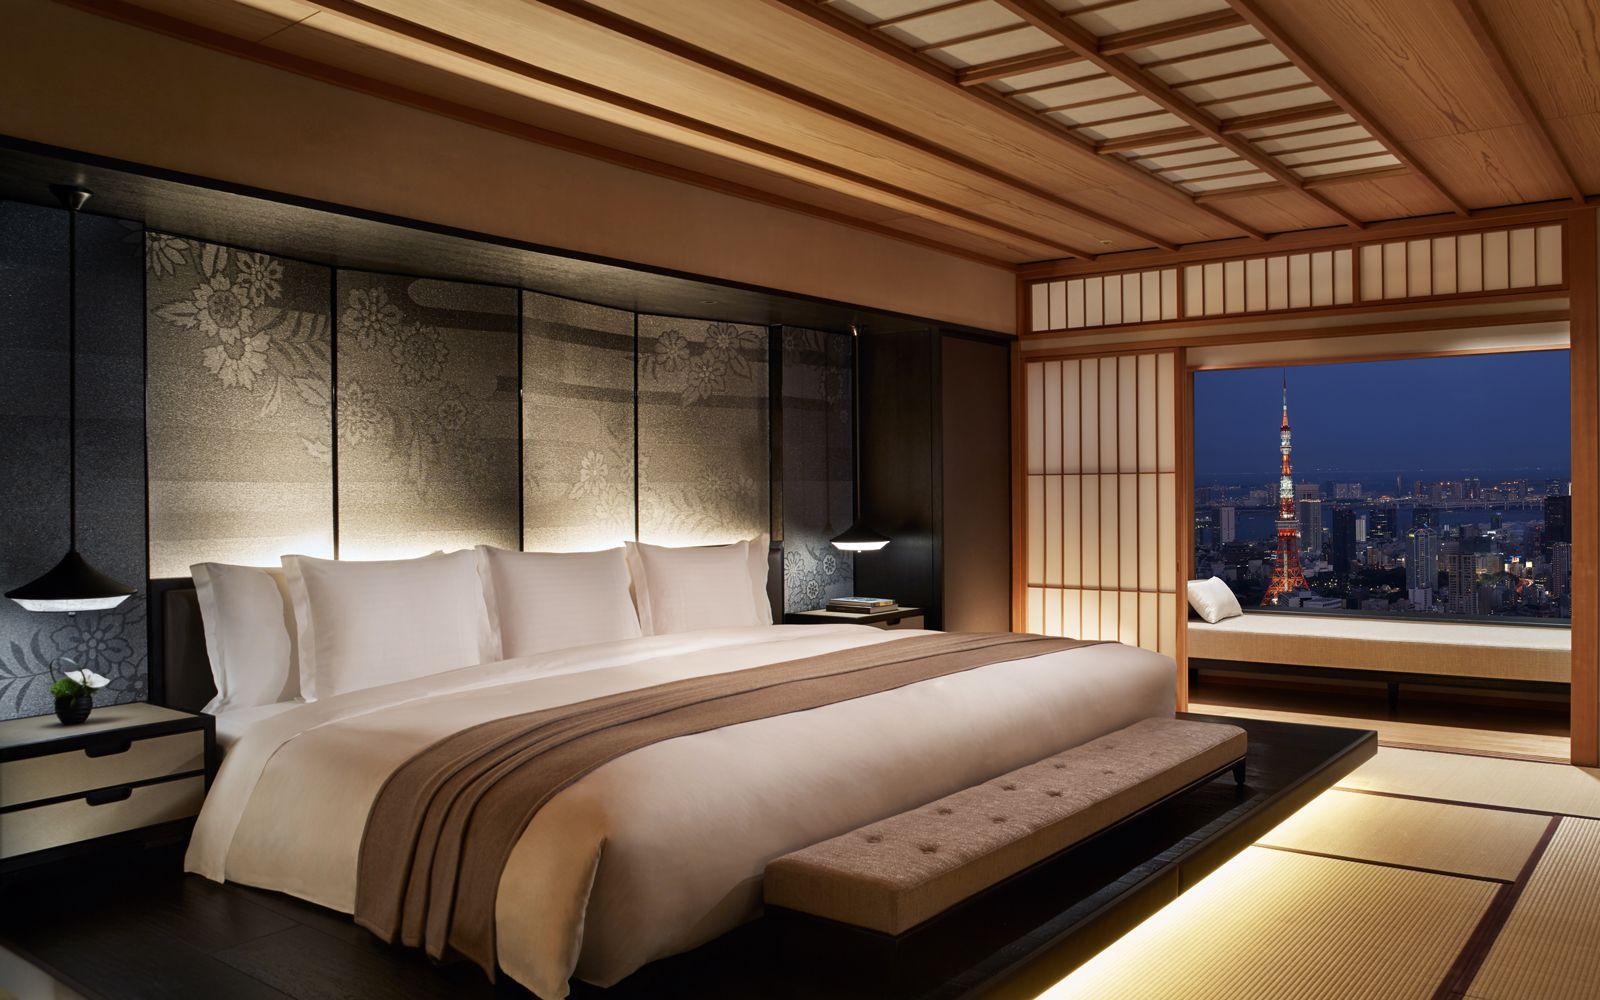 The Top 10 Hotels In Tokyo Luxury Hotel Room Japanese Bedroom Luxury Hotel